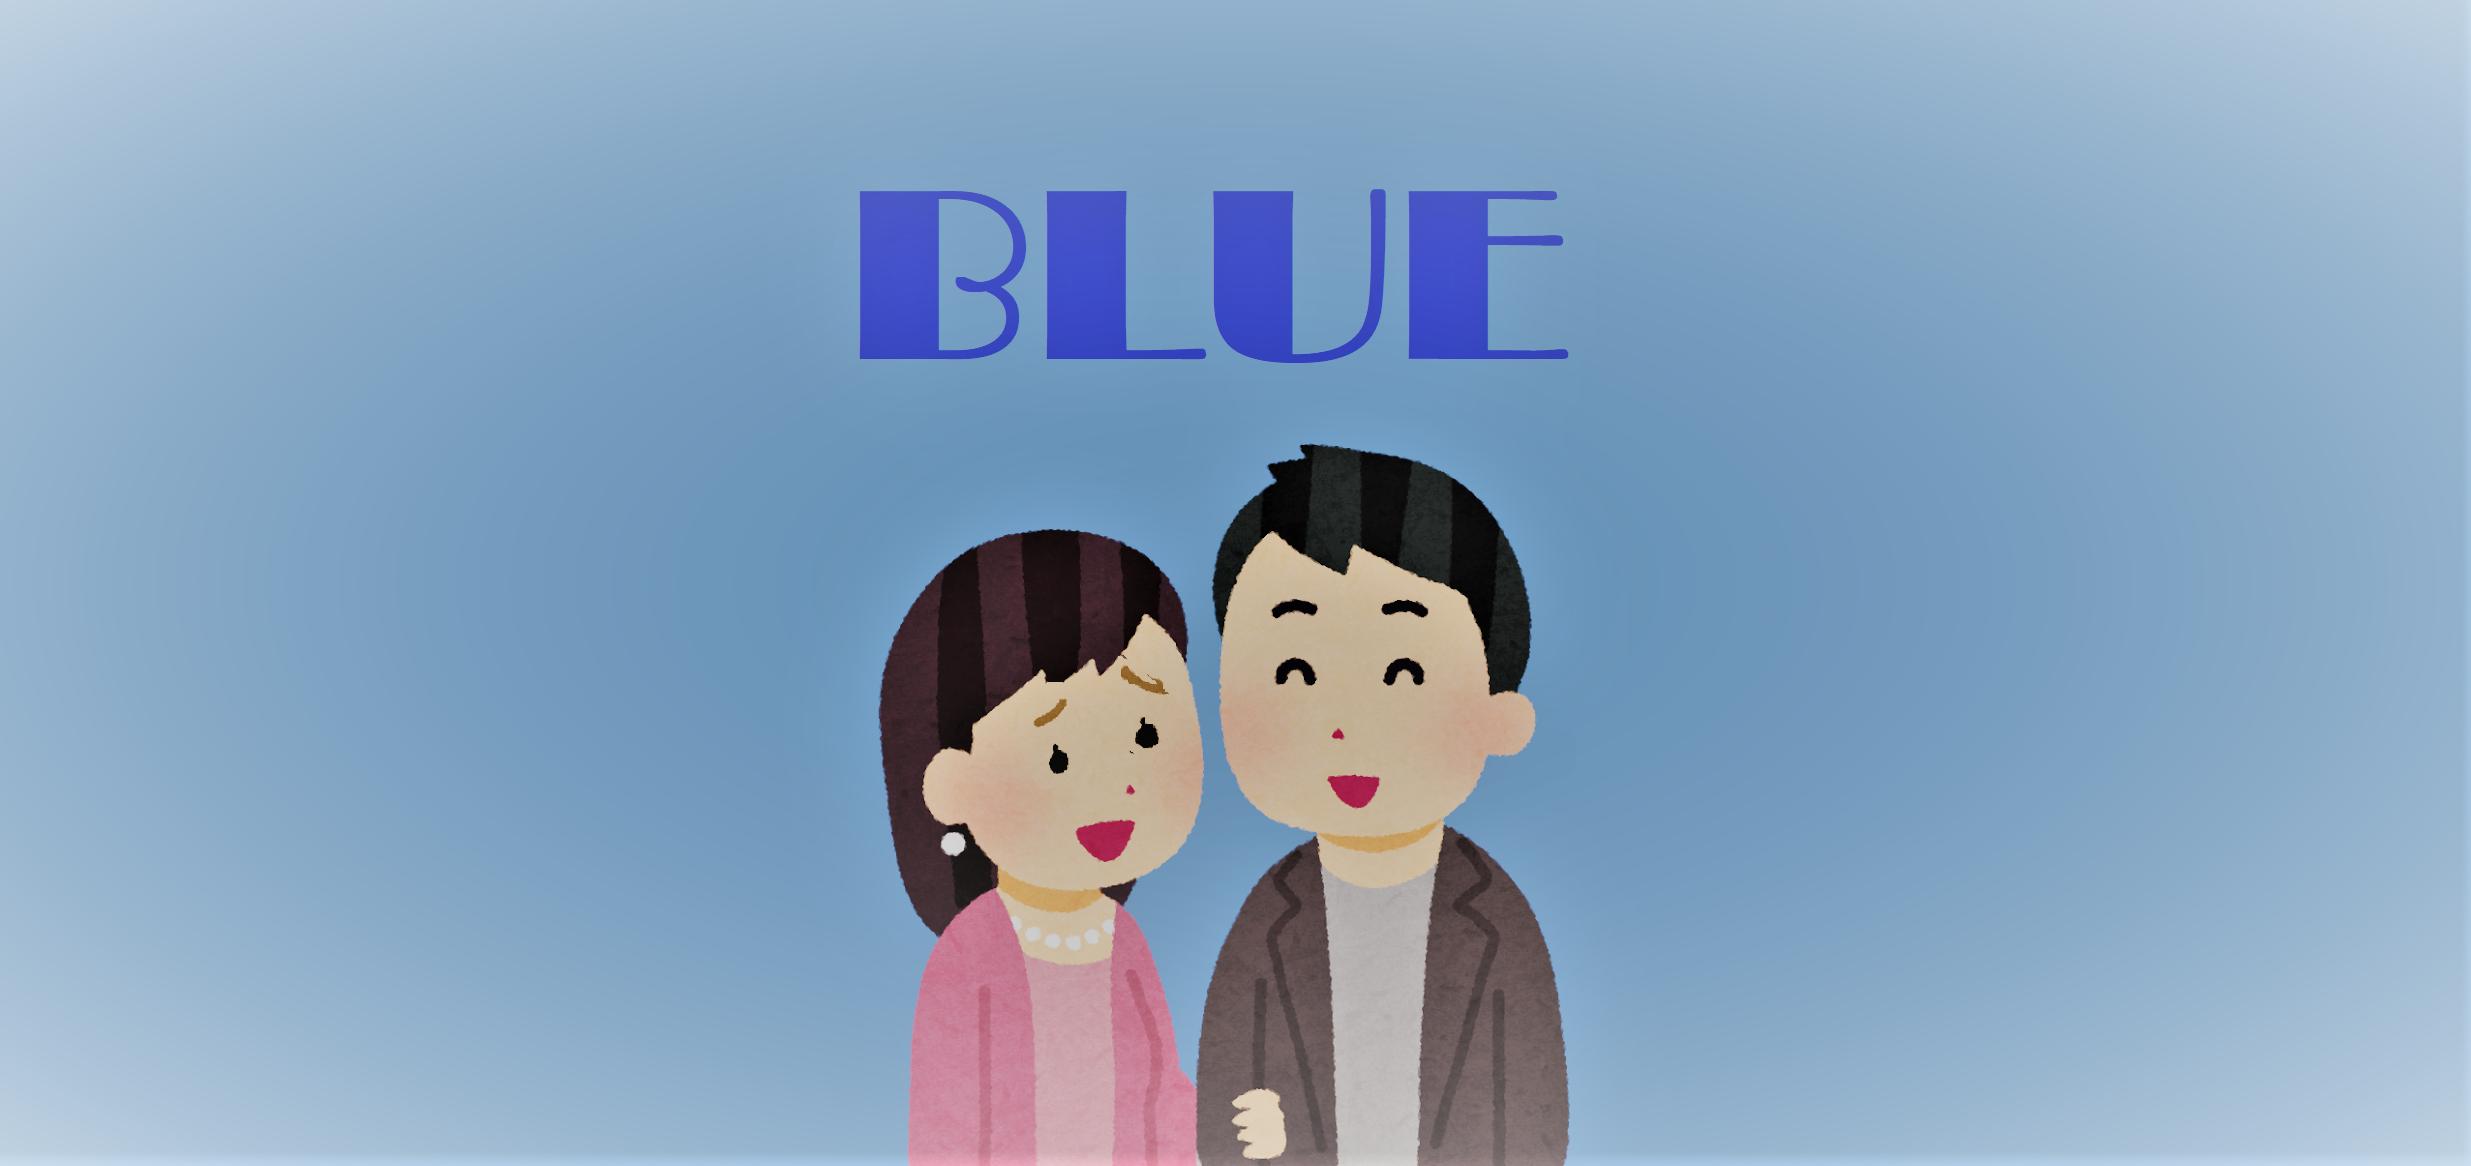 「BLUE」のイメージ